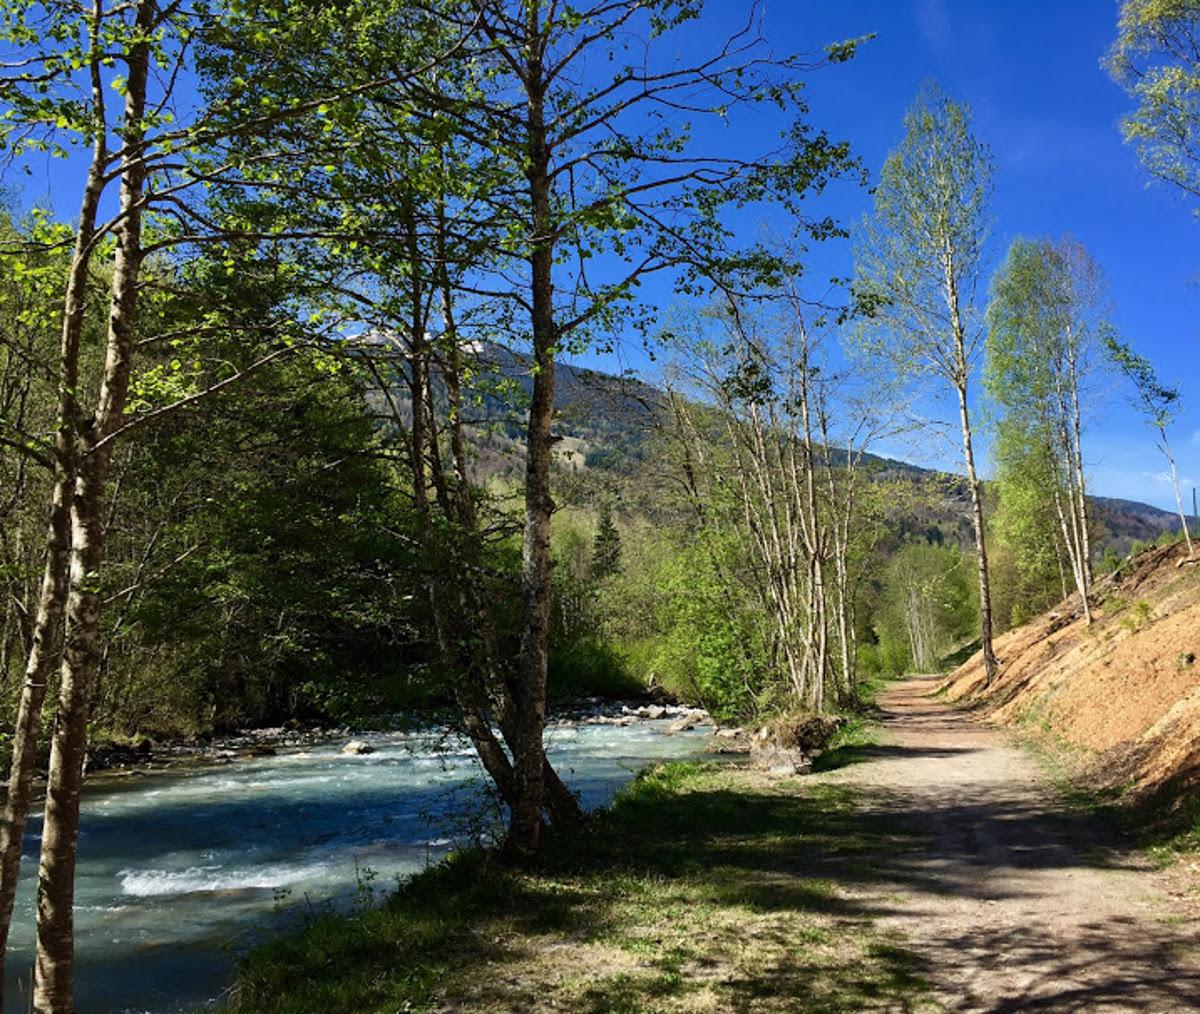 Sentier du Doron - Bozel